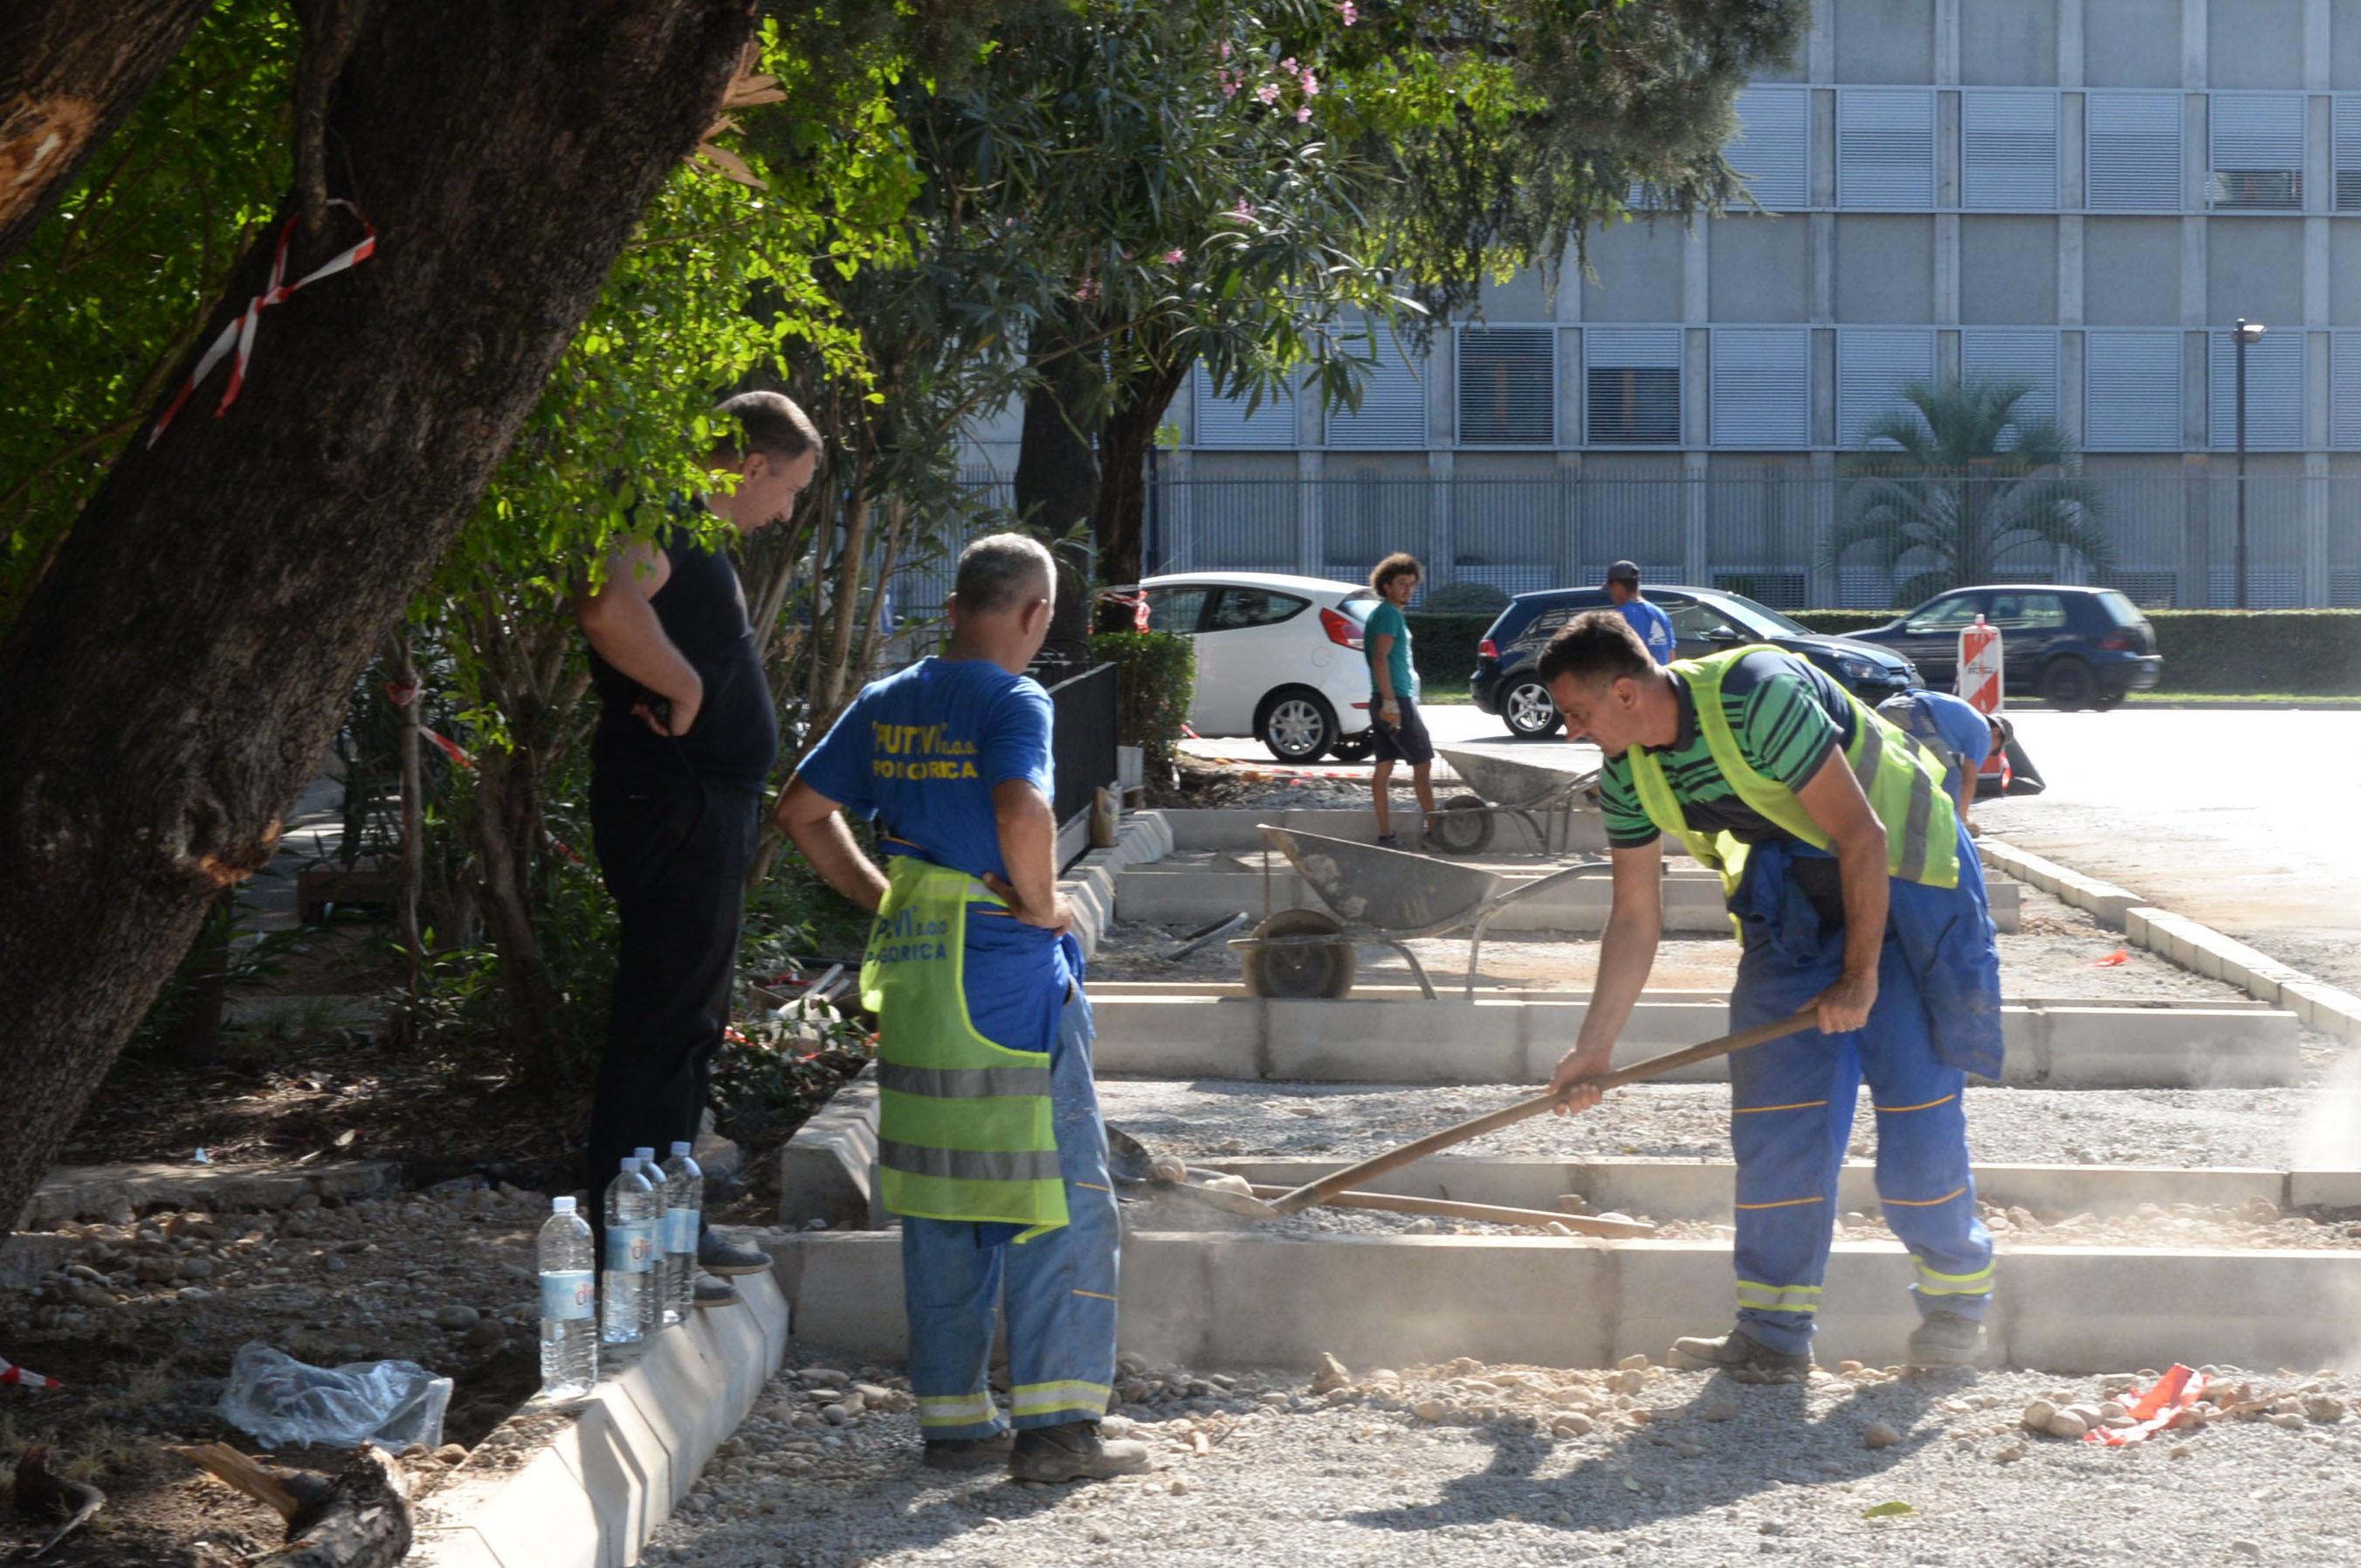 Radovi na rekonstrukciji Ulice Ivana Vujoševića teku planiranom dinamikom